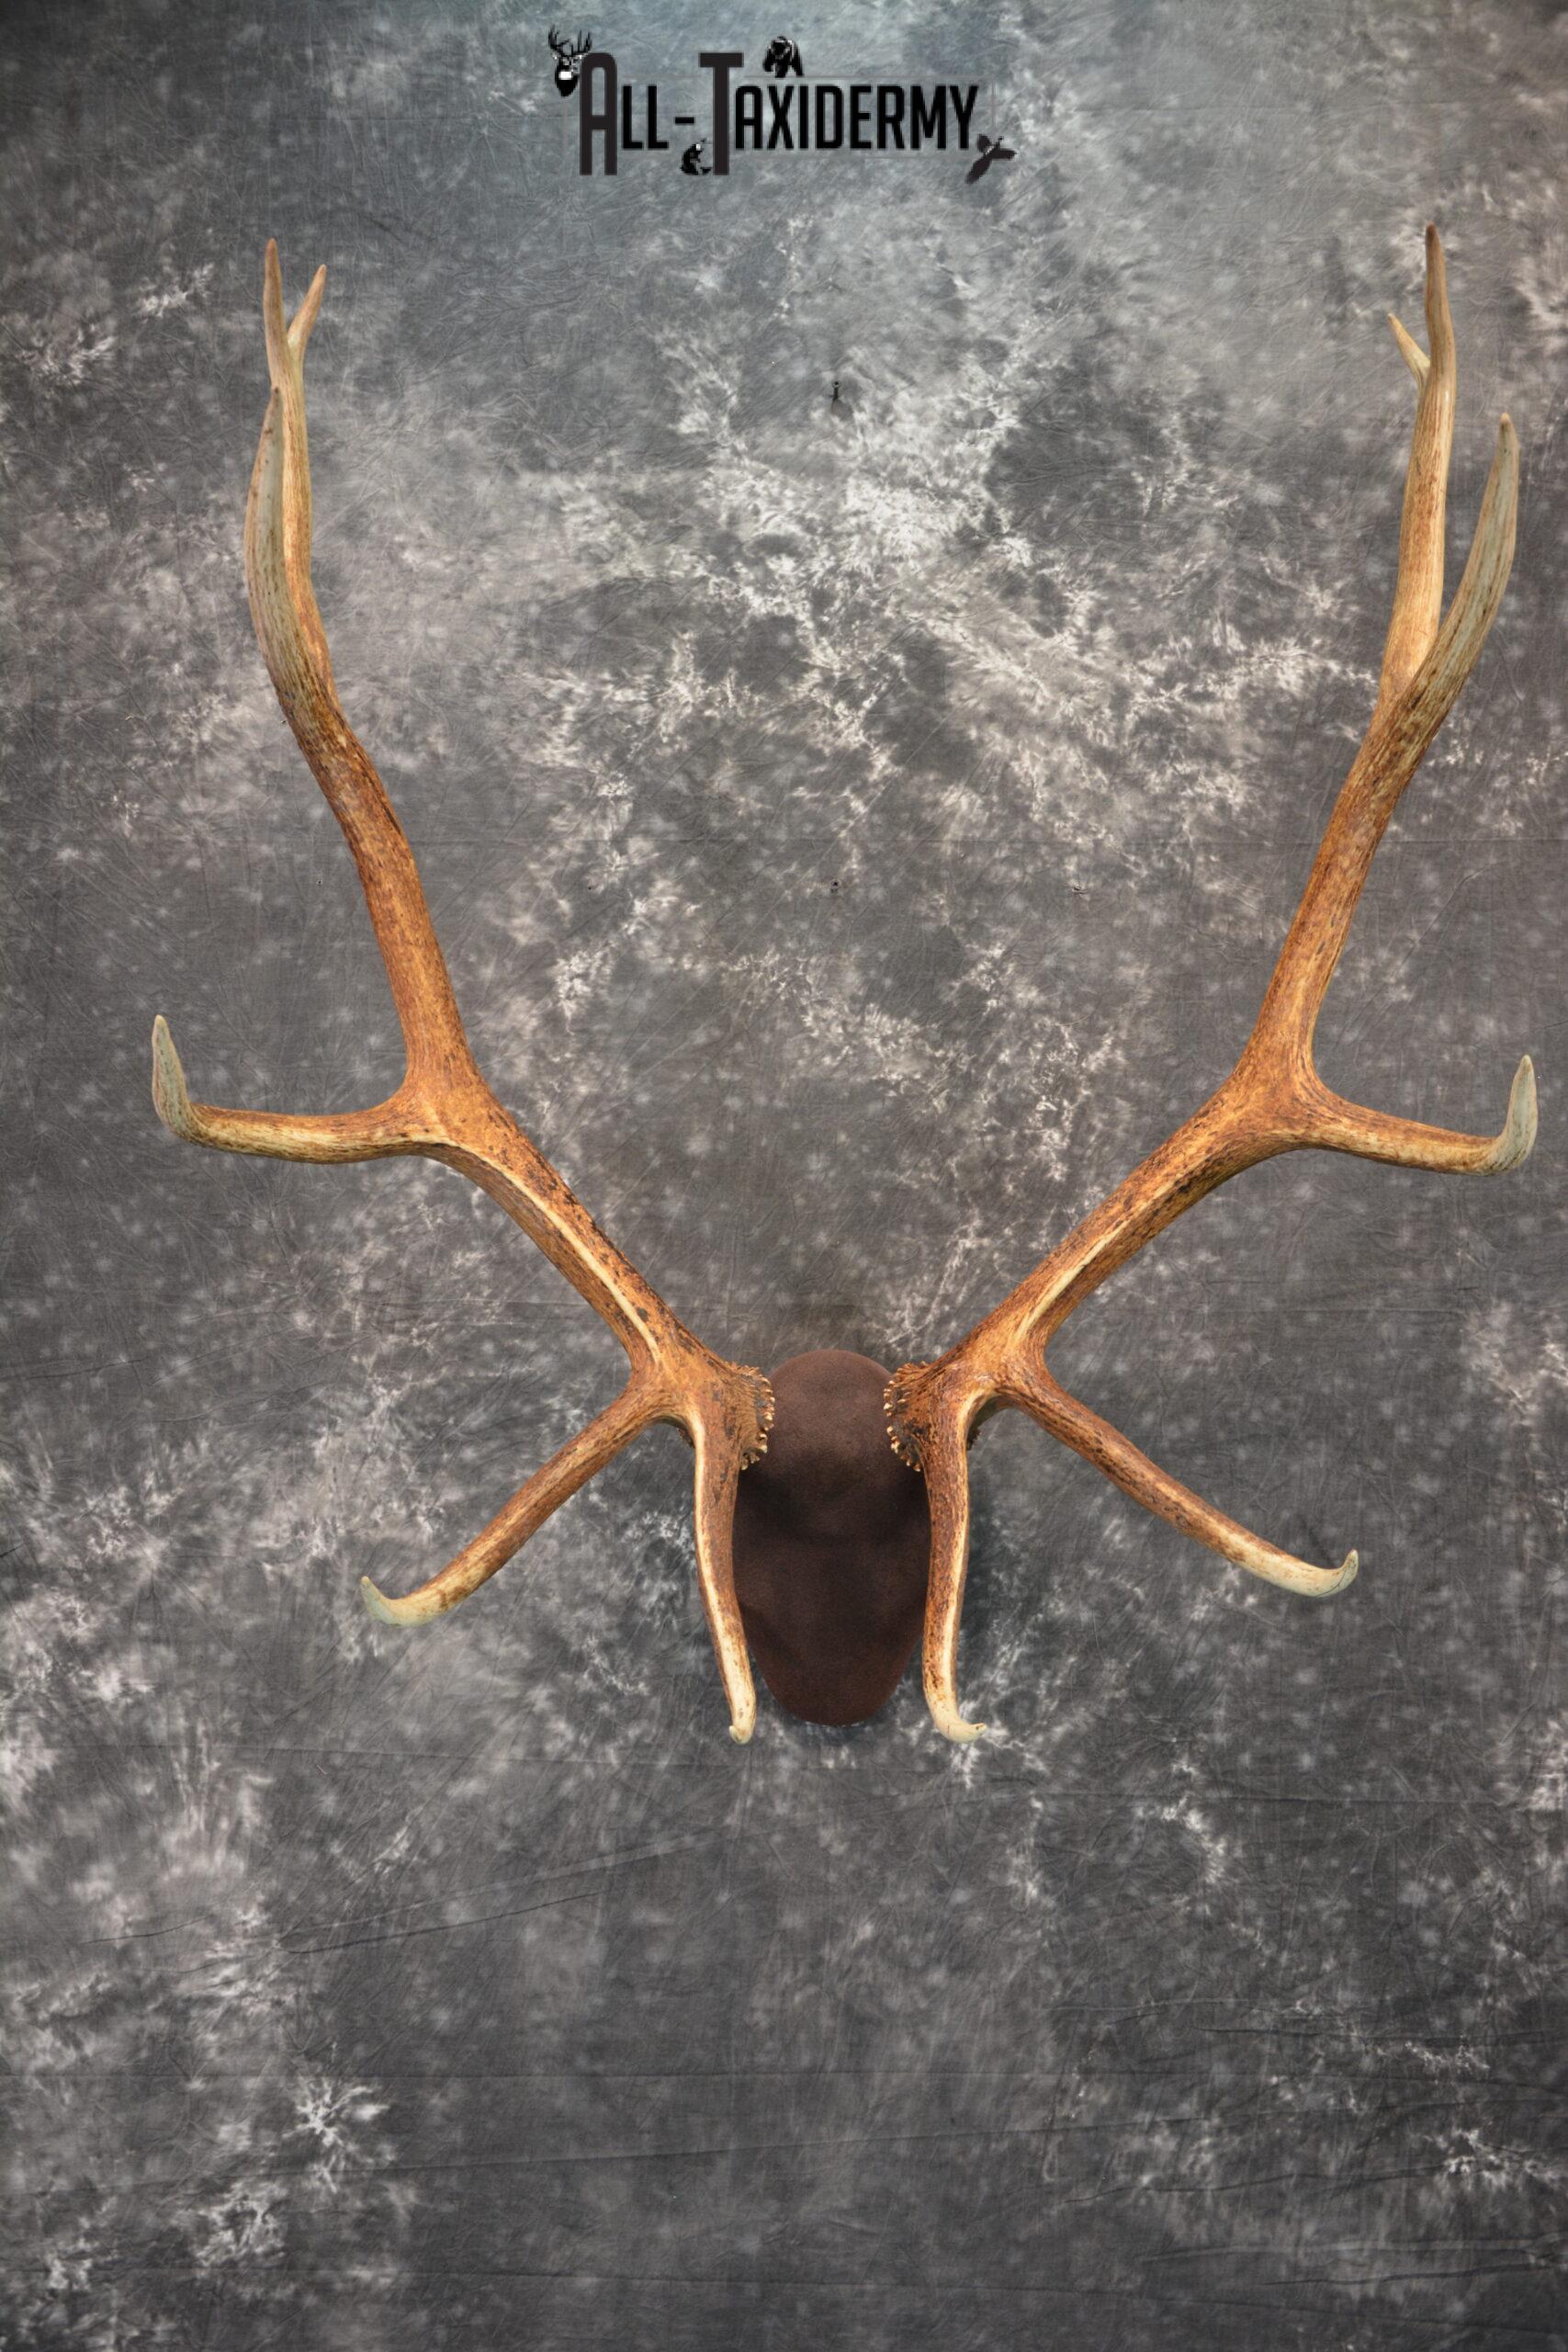 Elk antler base taxidermy mount for sale SKU 1085